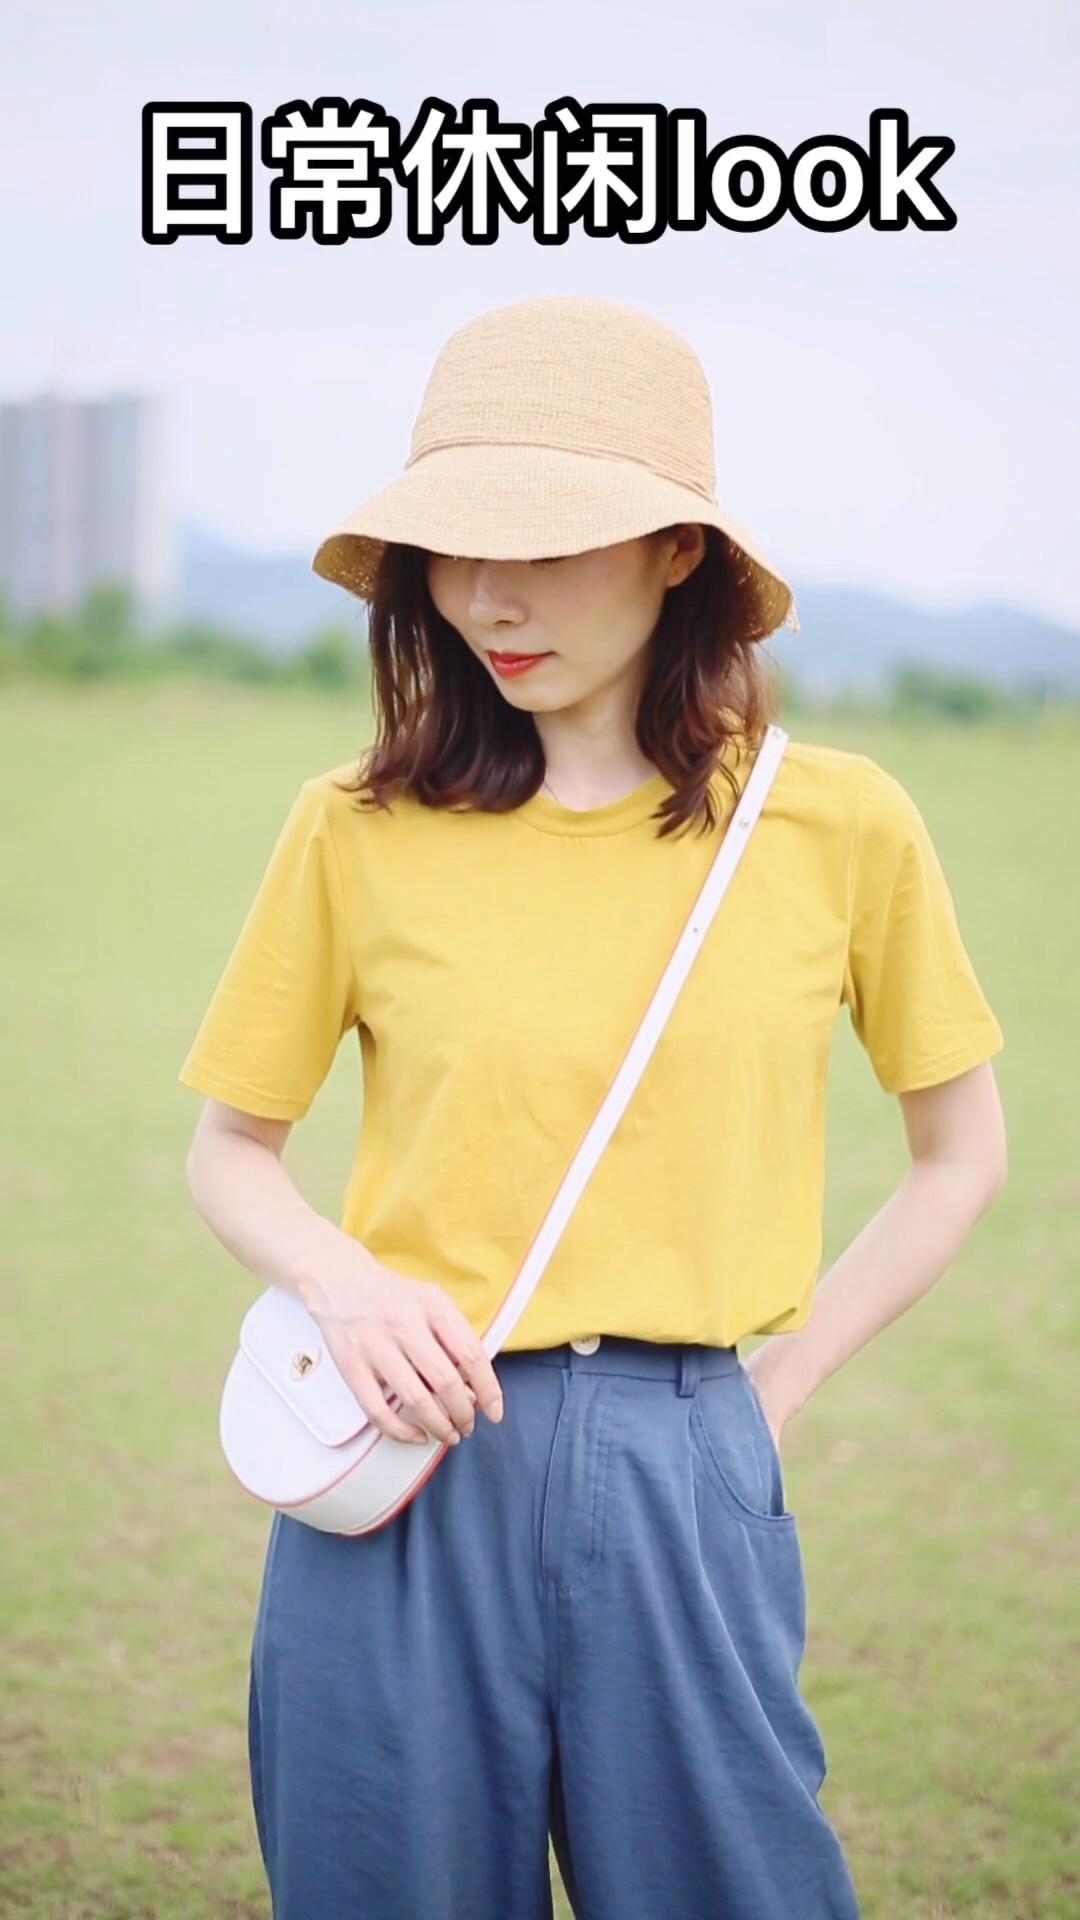 #热炸天,穿的轻薄才解暑# 小个子适合穿的高腰拖地裤 材质非常轻薄舒服 随穿随走 给夏天也喜欢穿长裤的小姐姐